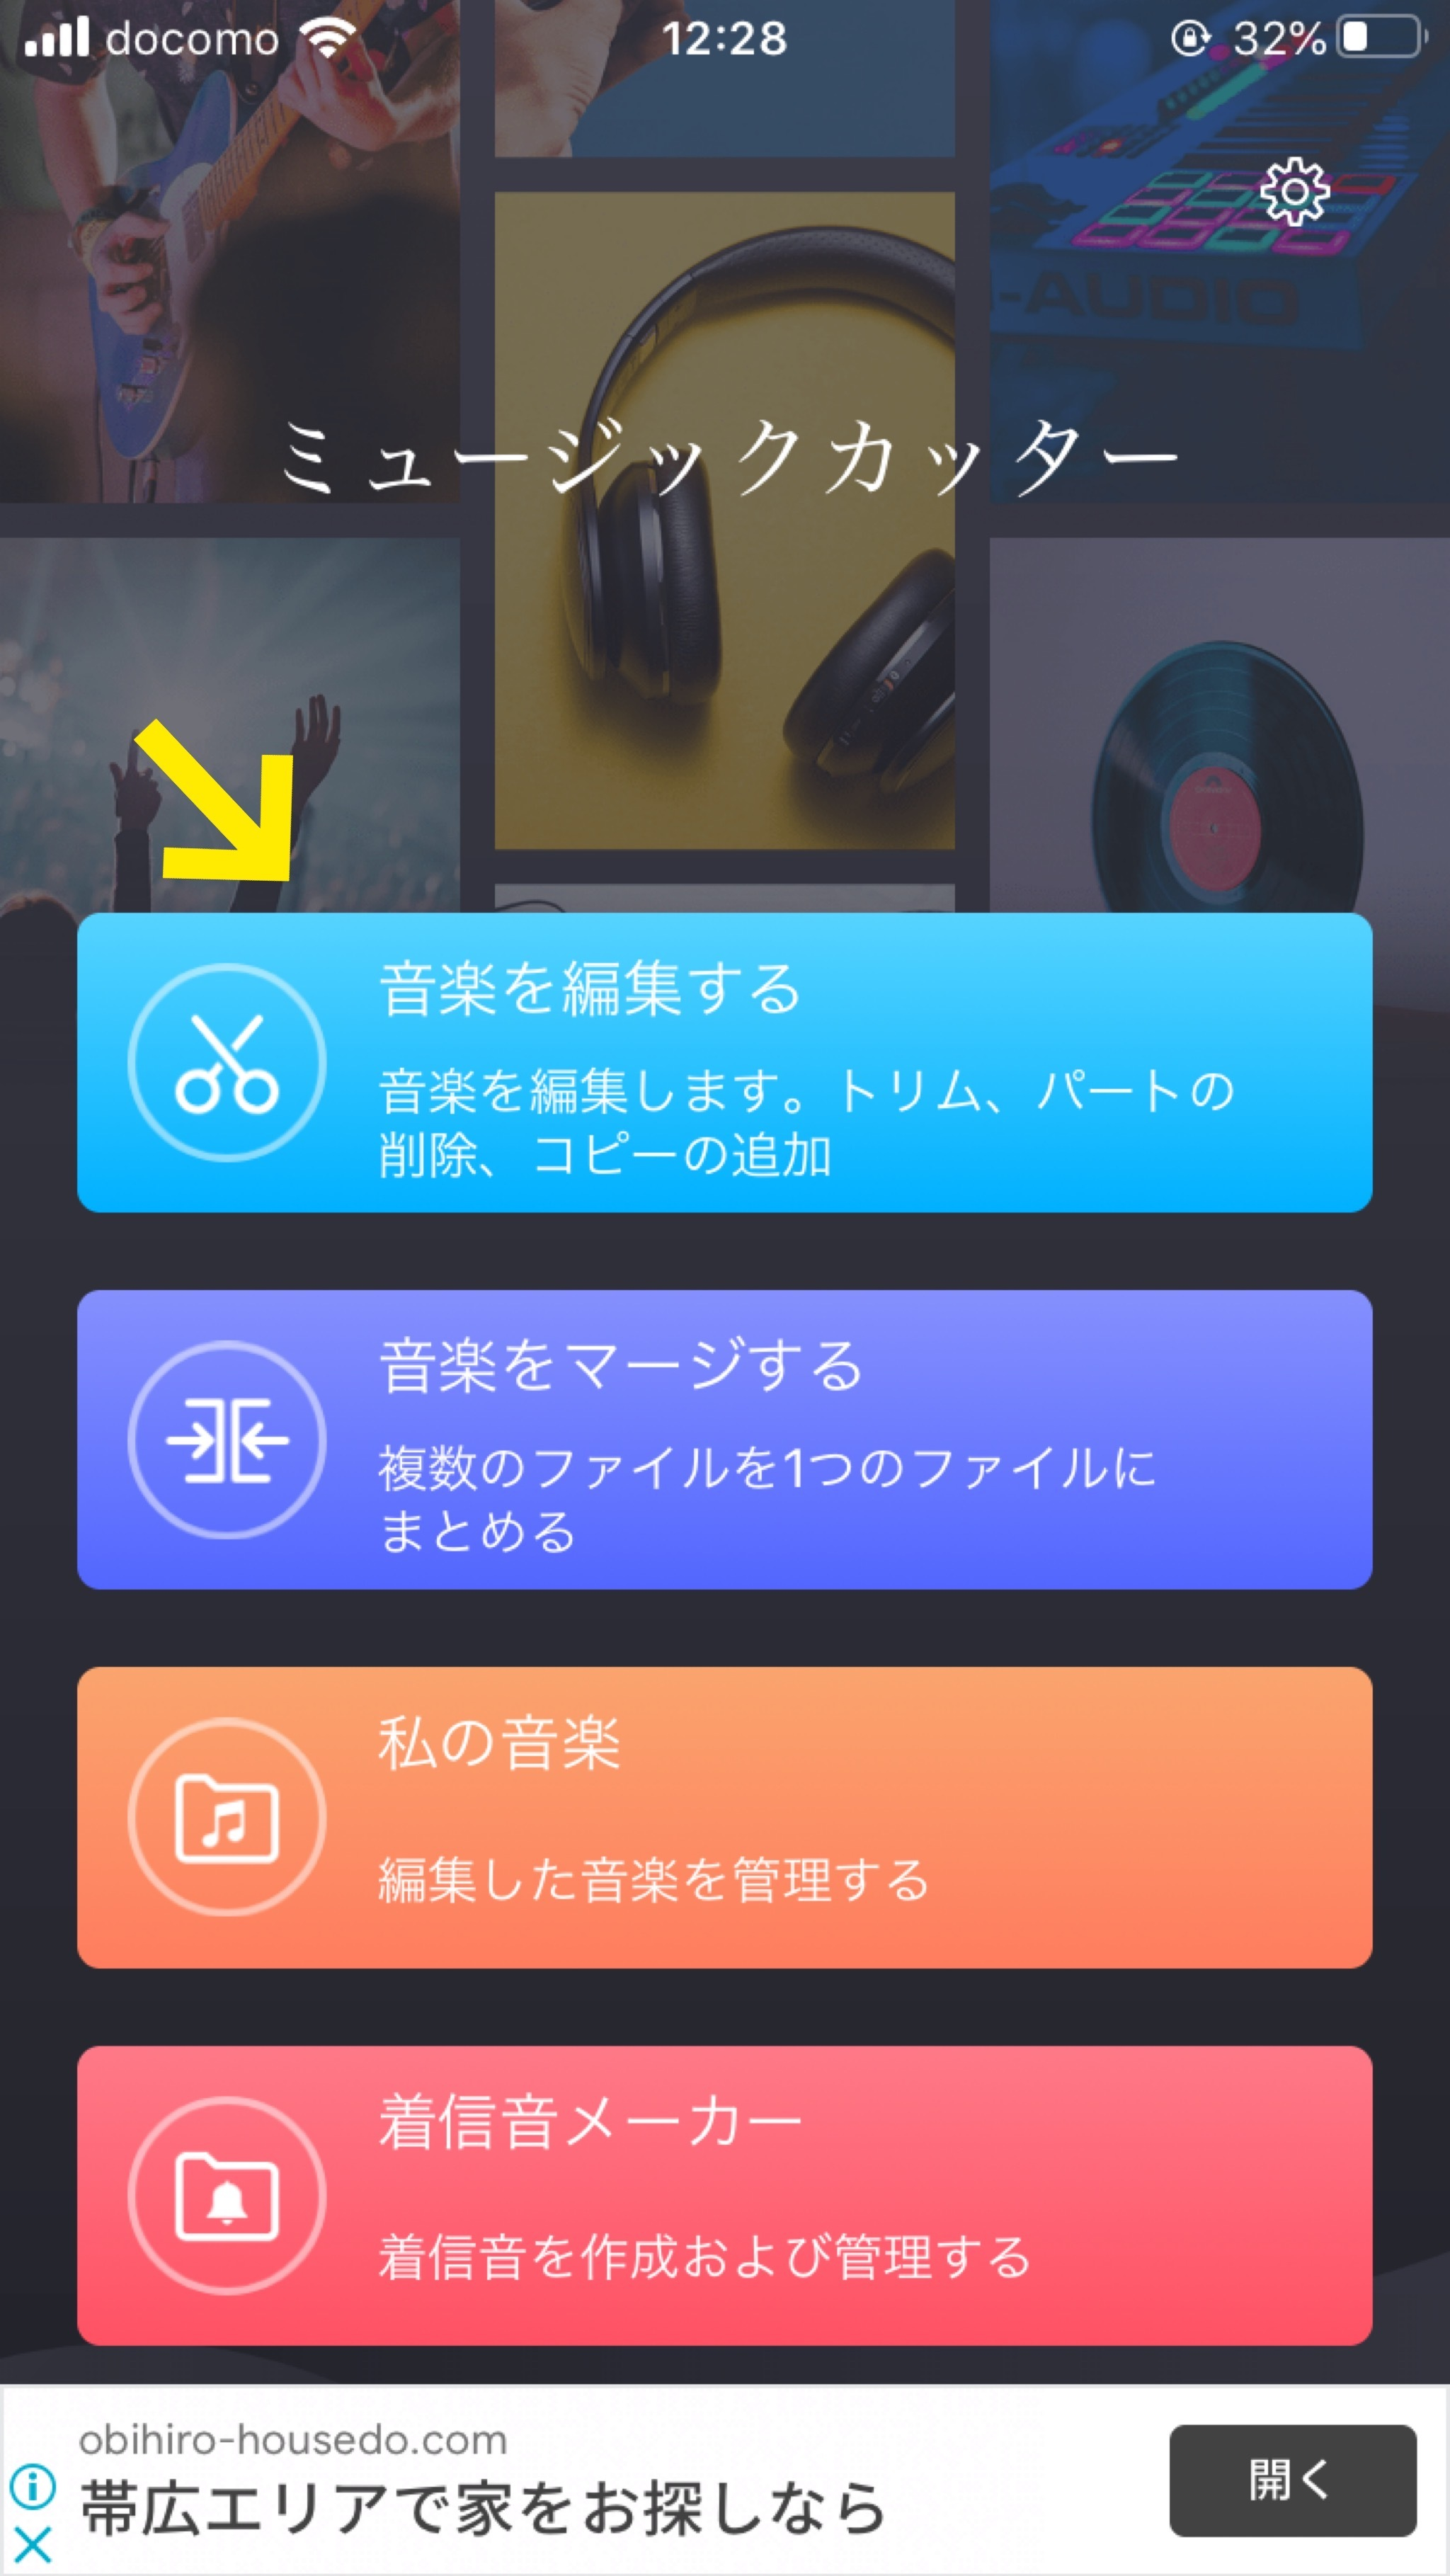 アプリの操作画面